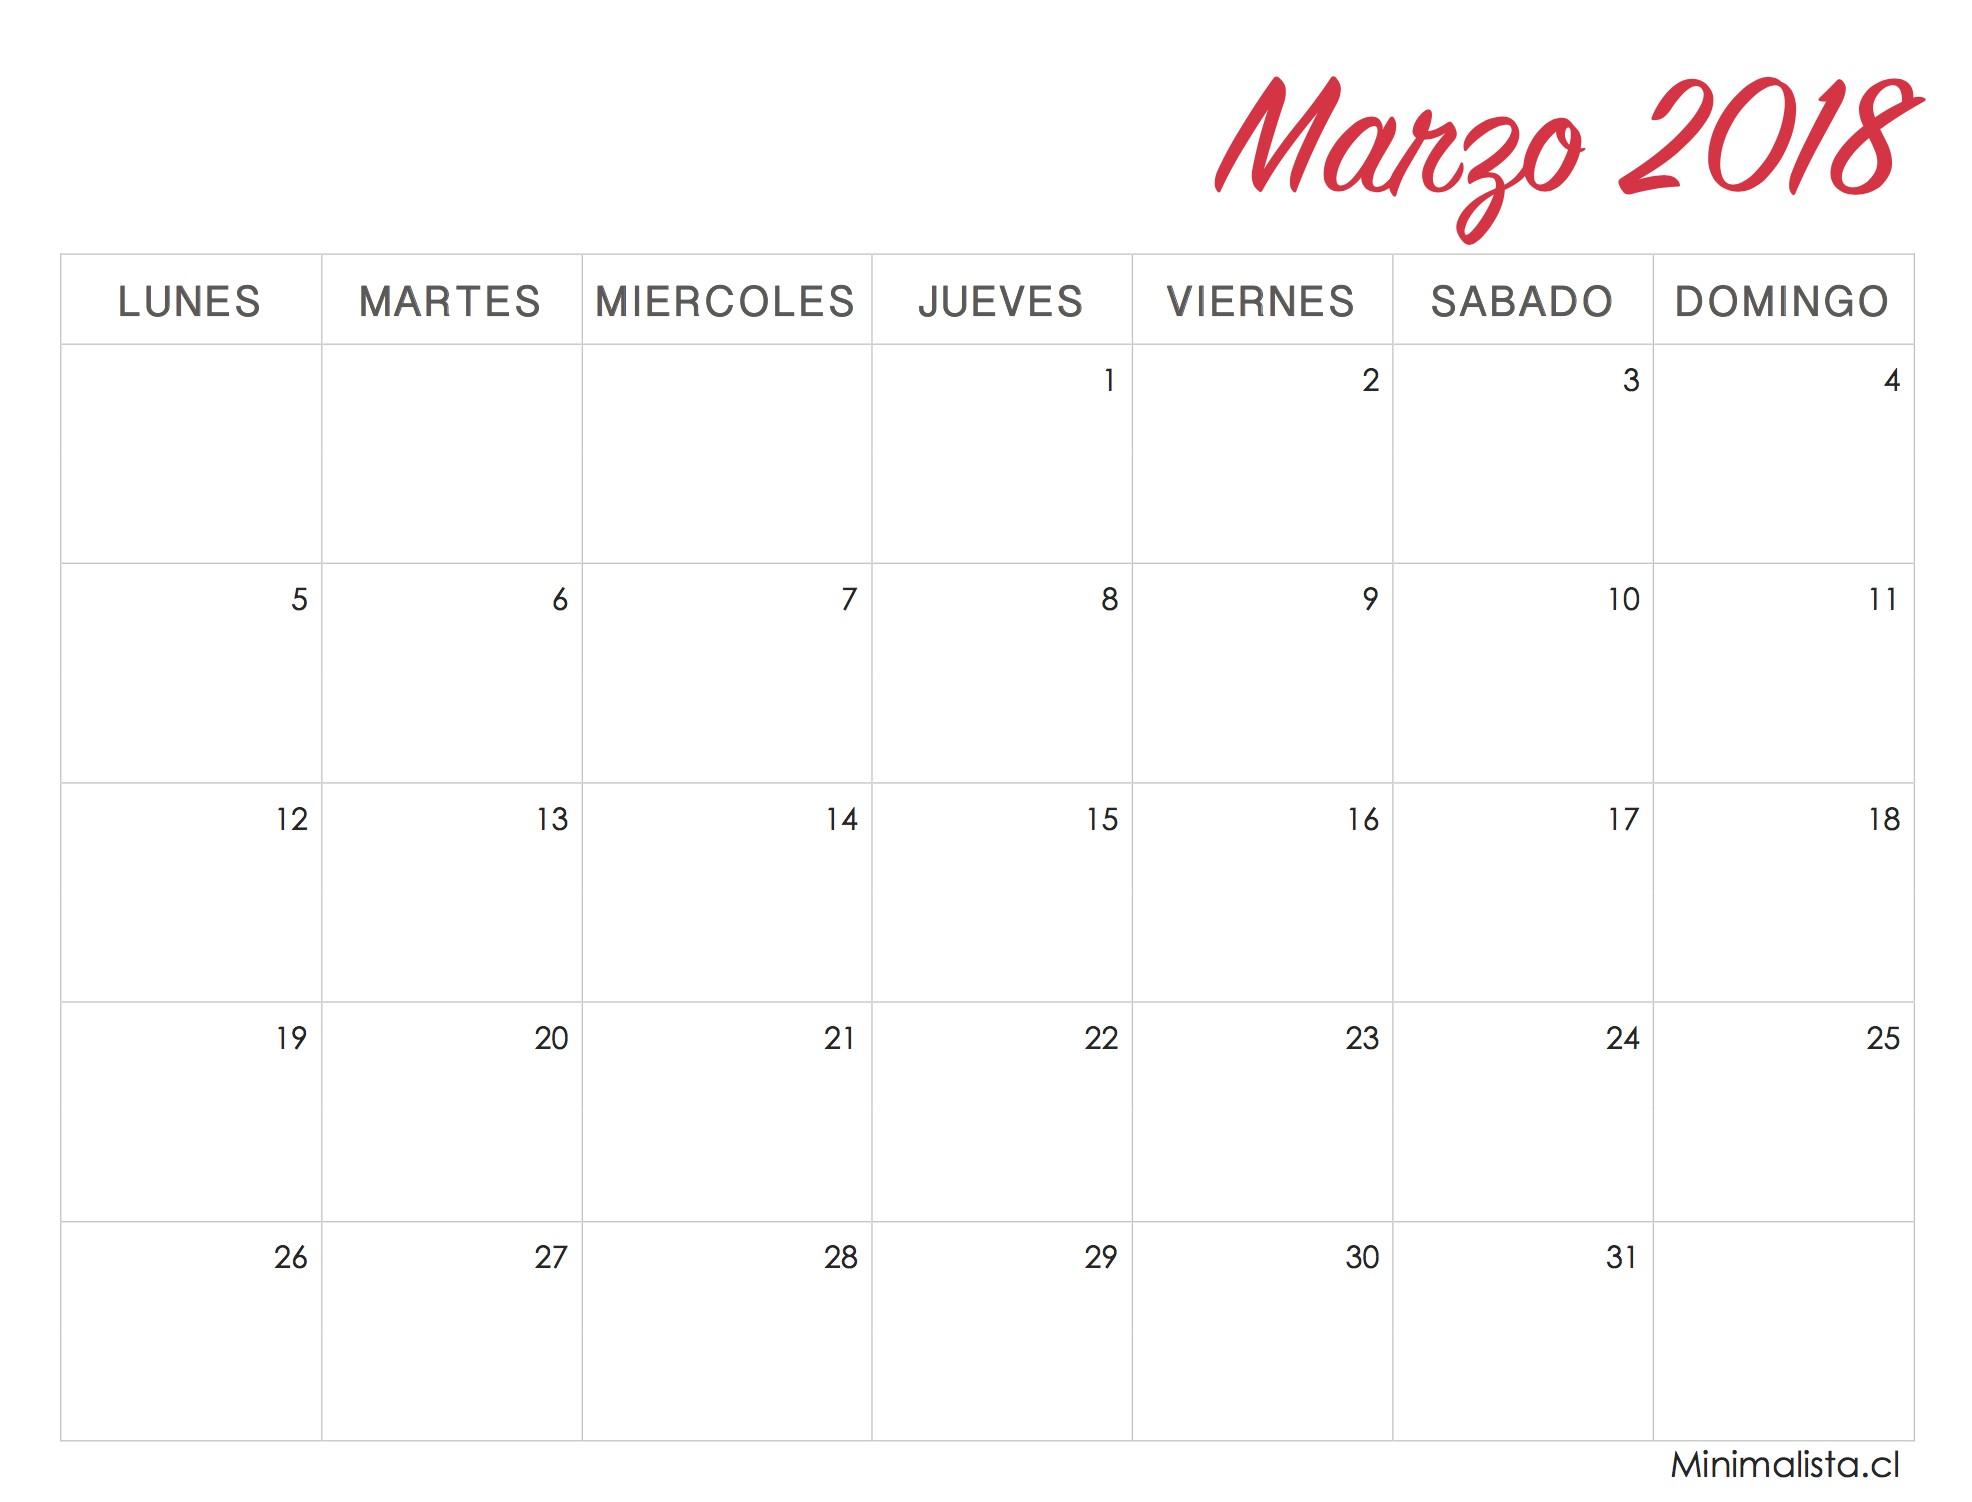 Calendario Abril 2019 Para Imprimir Pdf Más Caliente Imprimir Calendario Cheap Calendario Noviembre Calendario Anual Of Calendario Abril 2019 Para Imprimir Pdf Más Actual 2020 2021 Calendar Printable Template